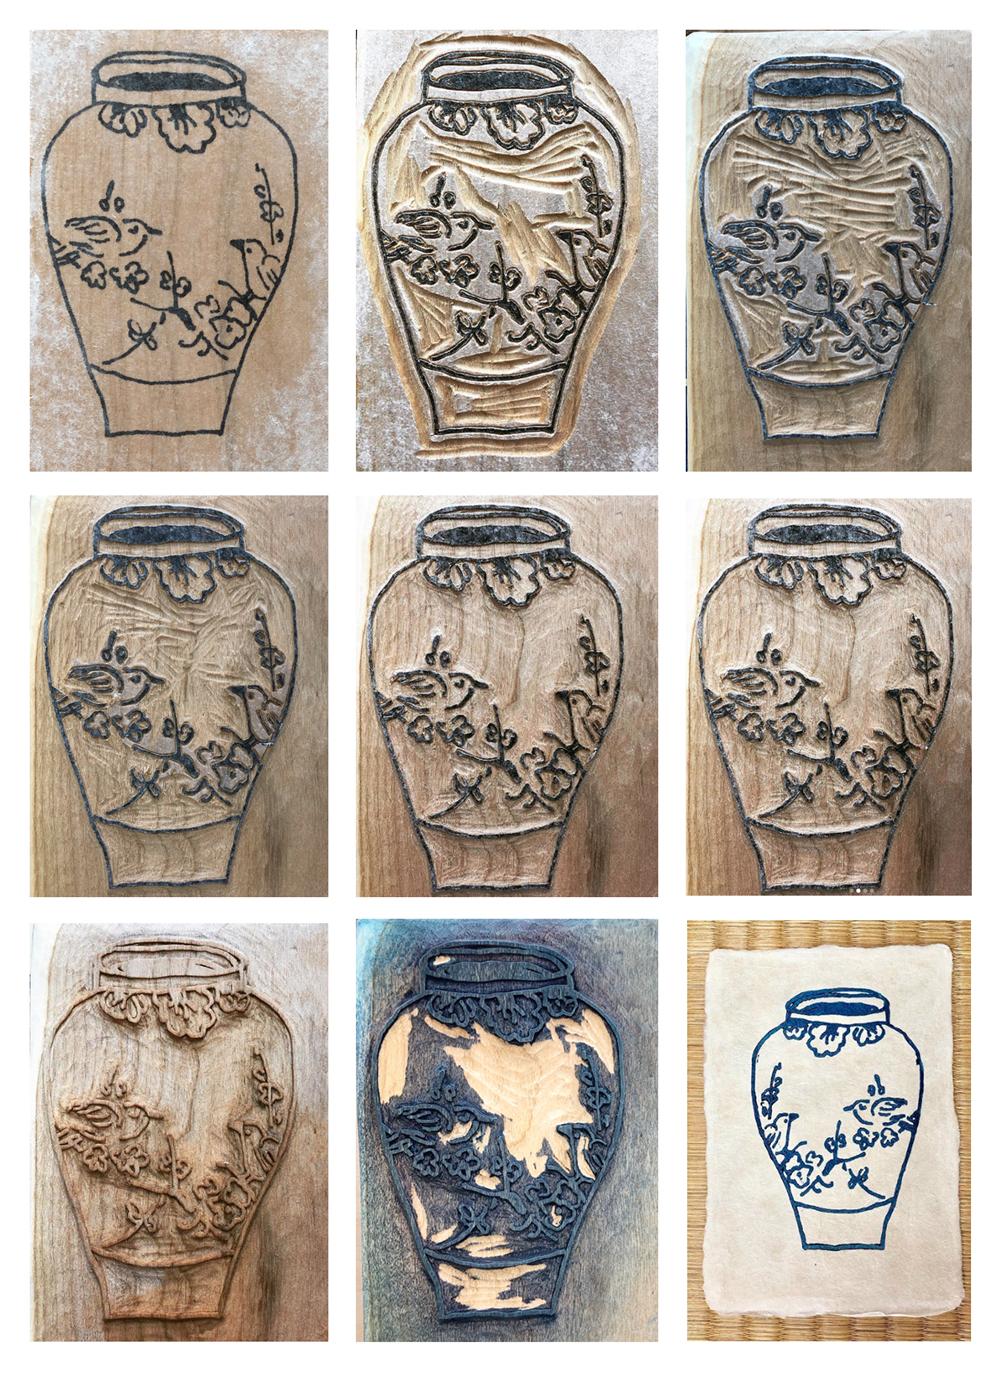 vase carving.jpg